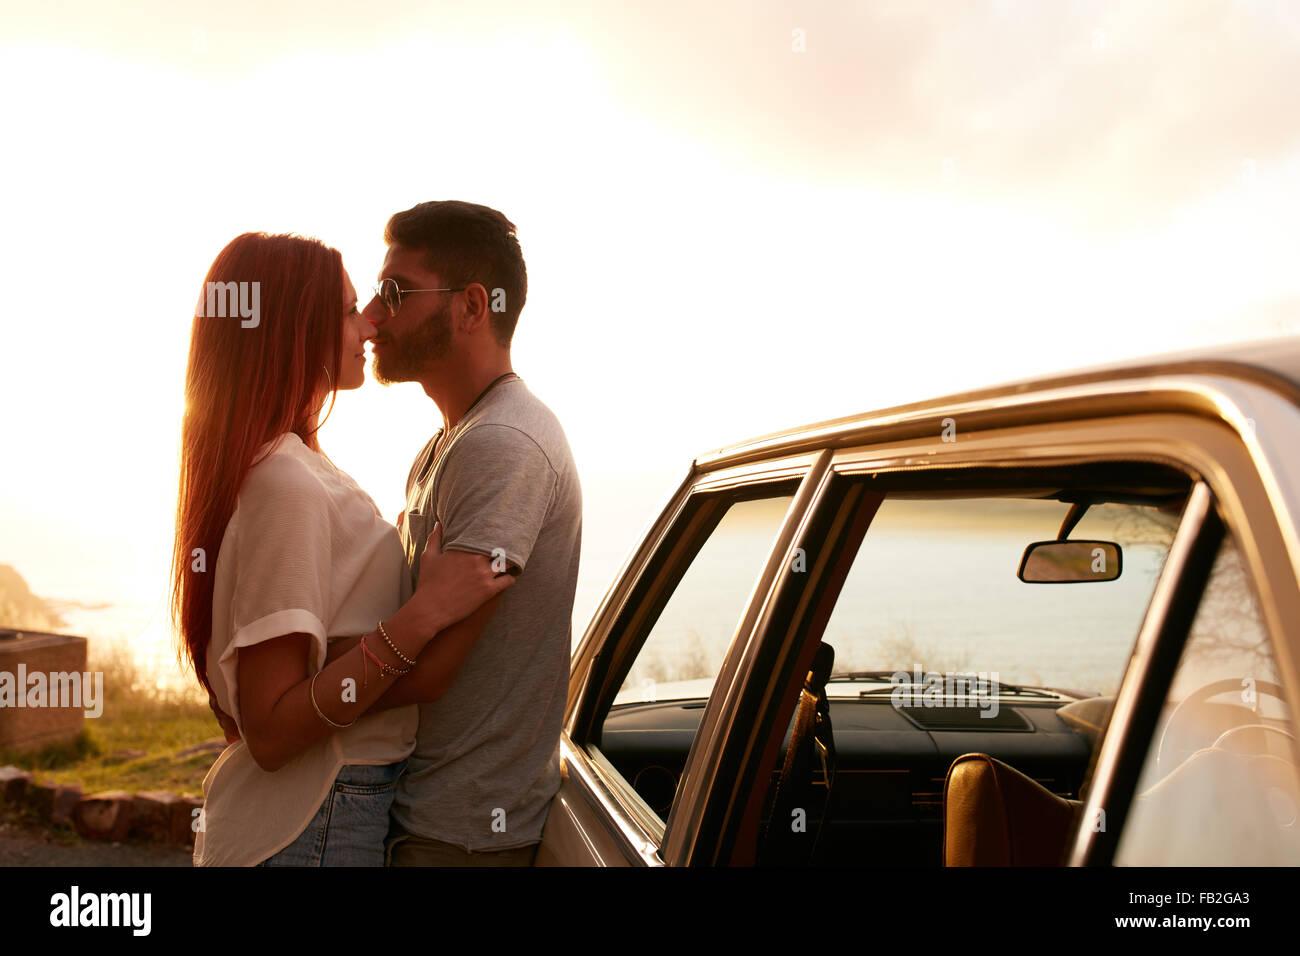 Romantische Pärchen stehen mit ihrem Auto. Junger Mann und Frau zu küssen, im Freien. Sommer Urlaub auf Stockbild